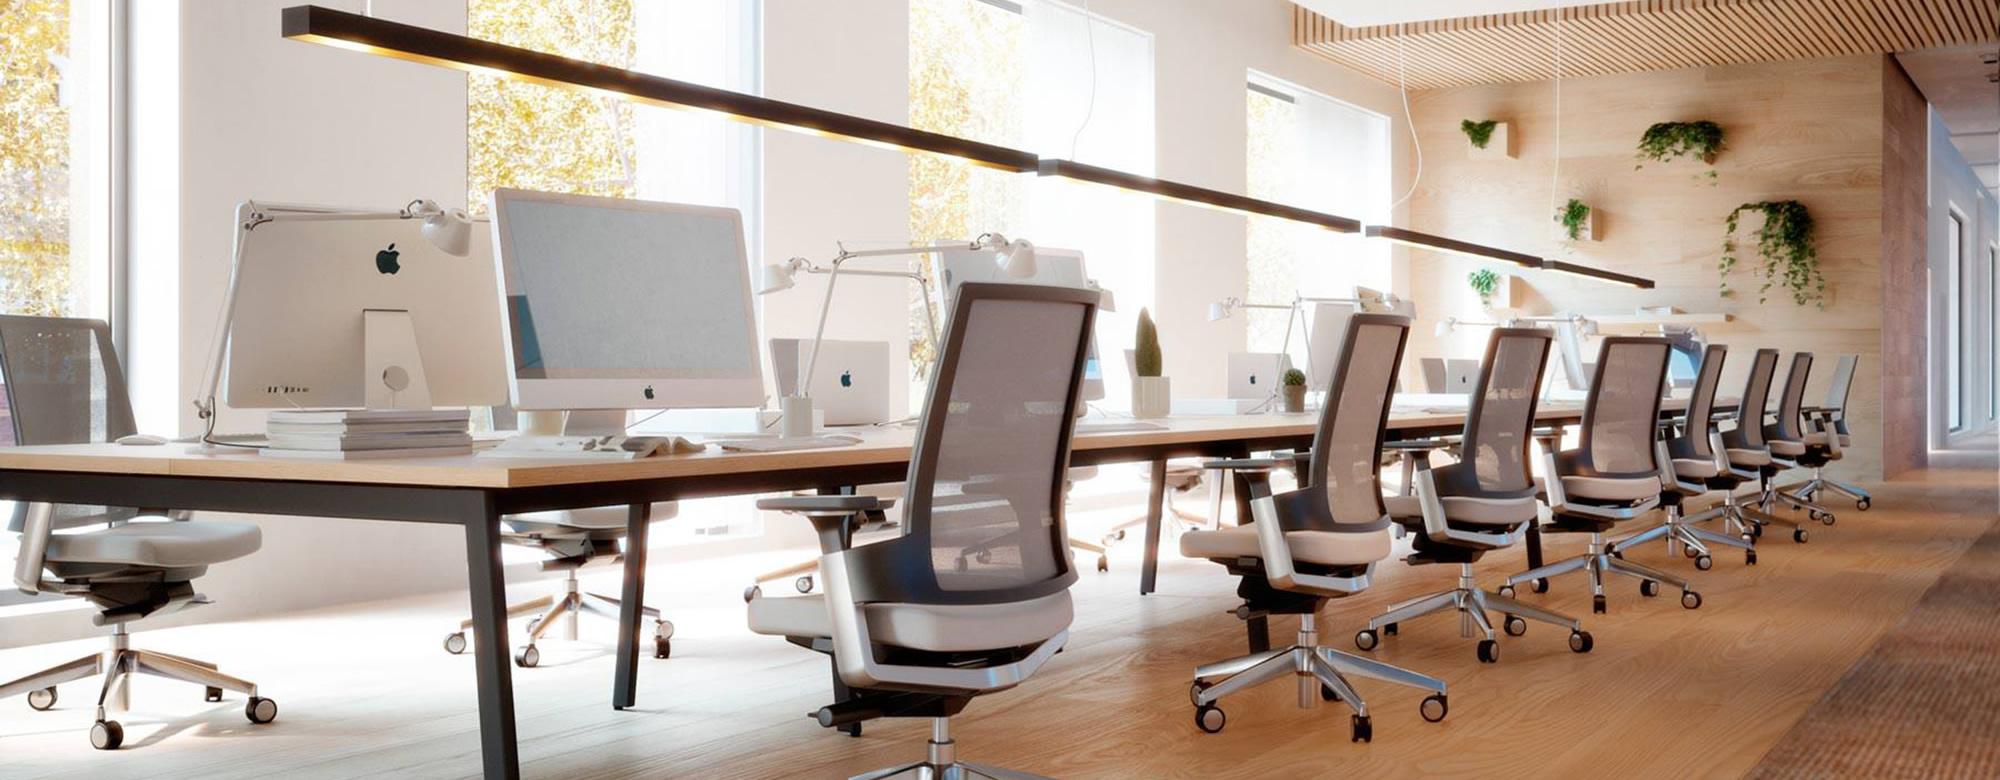 Muebles de oficina mesas de oficina y mobiliario de oficina en madrid eqin estudio - Oficinas de adecco en madrid ...